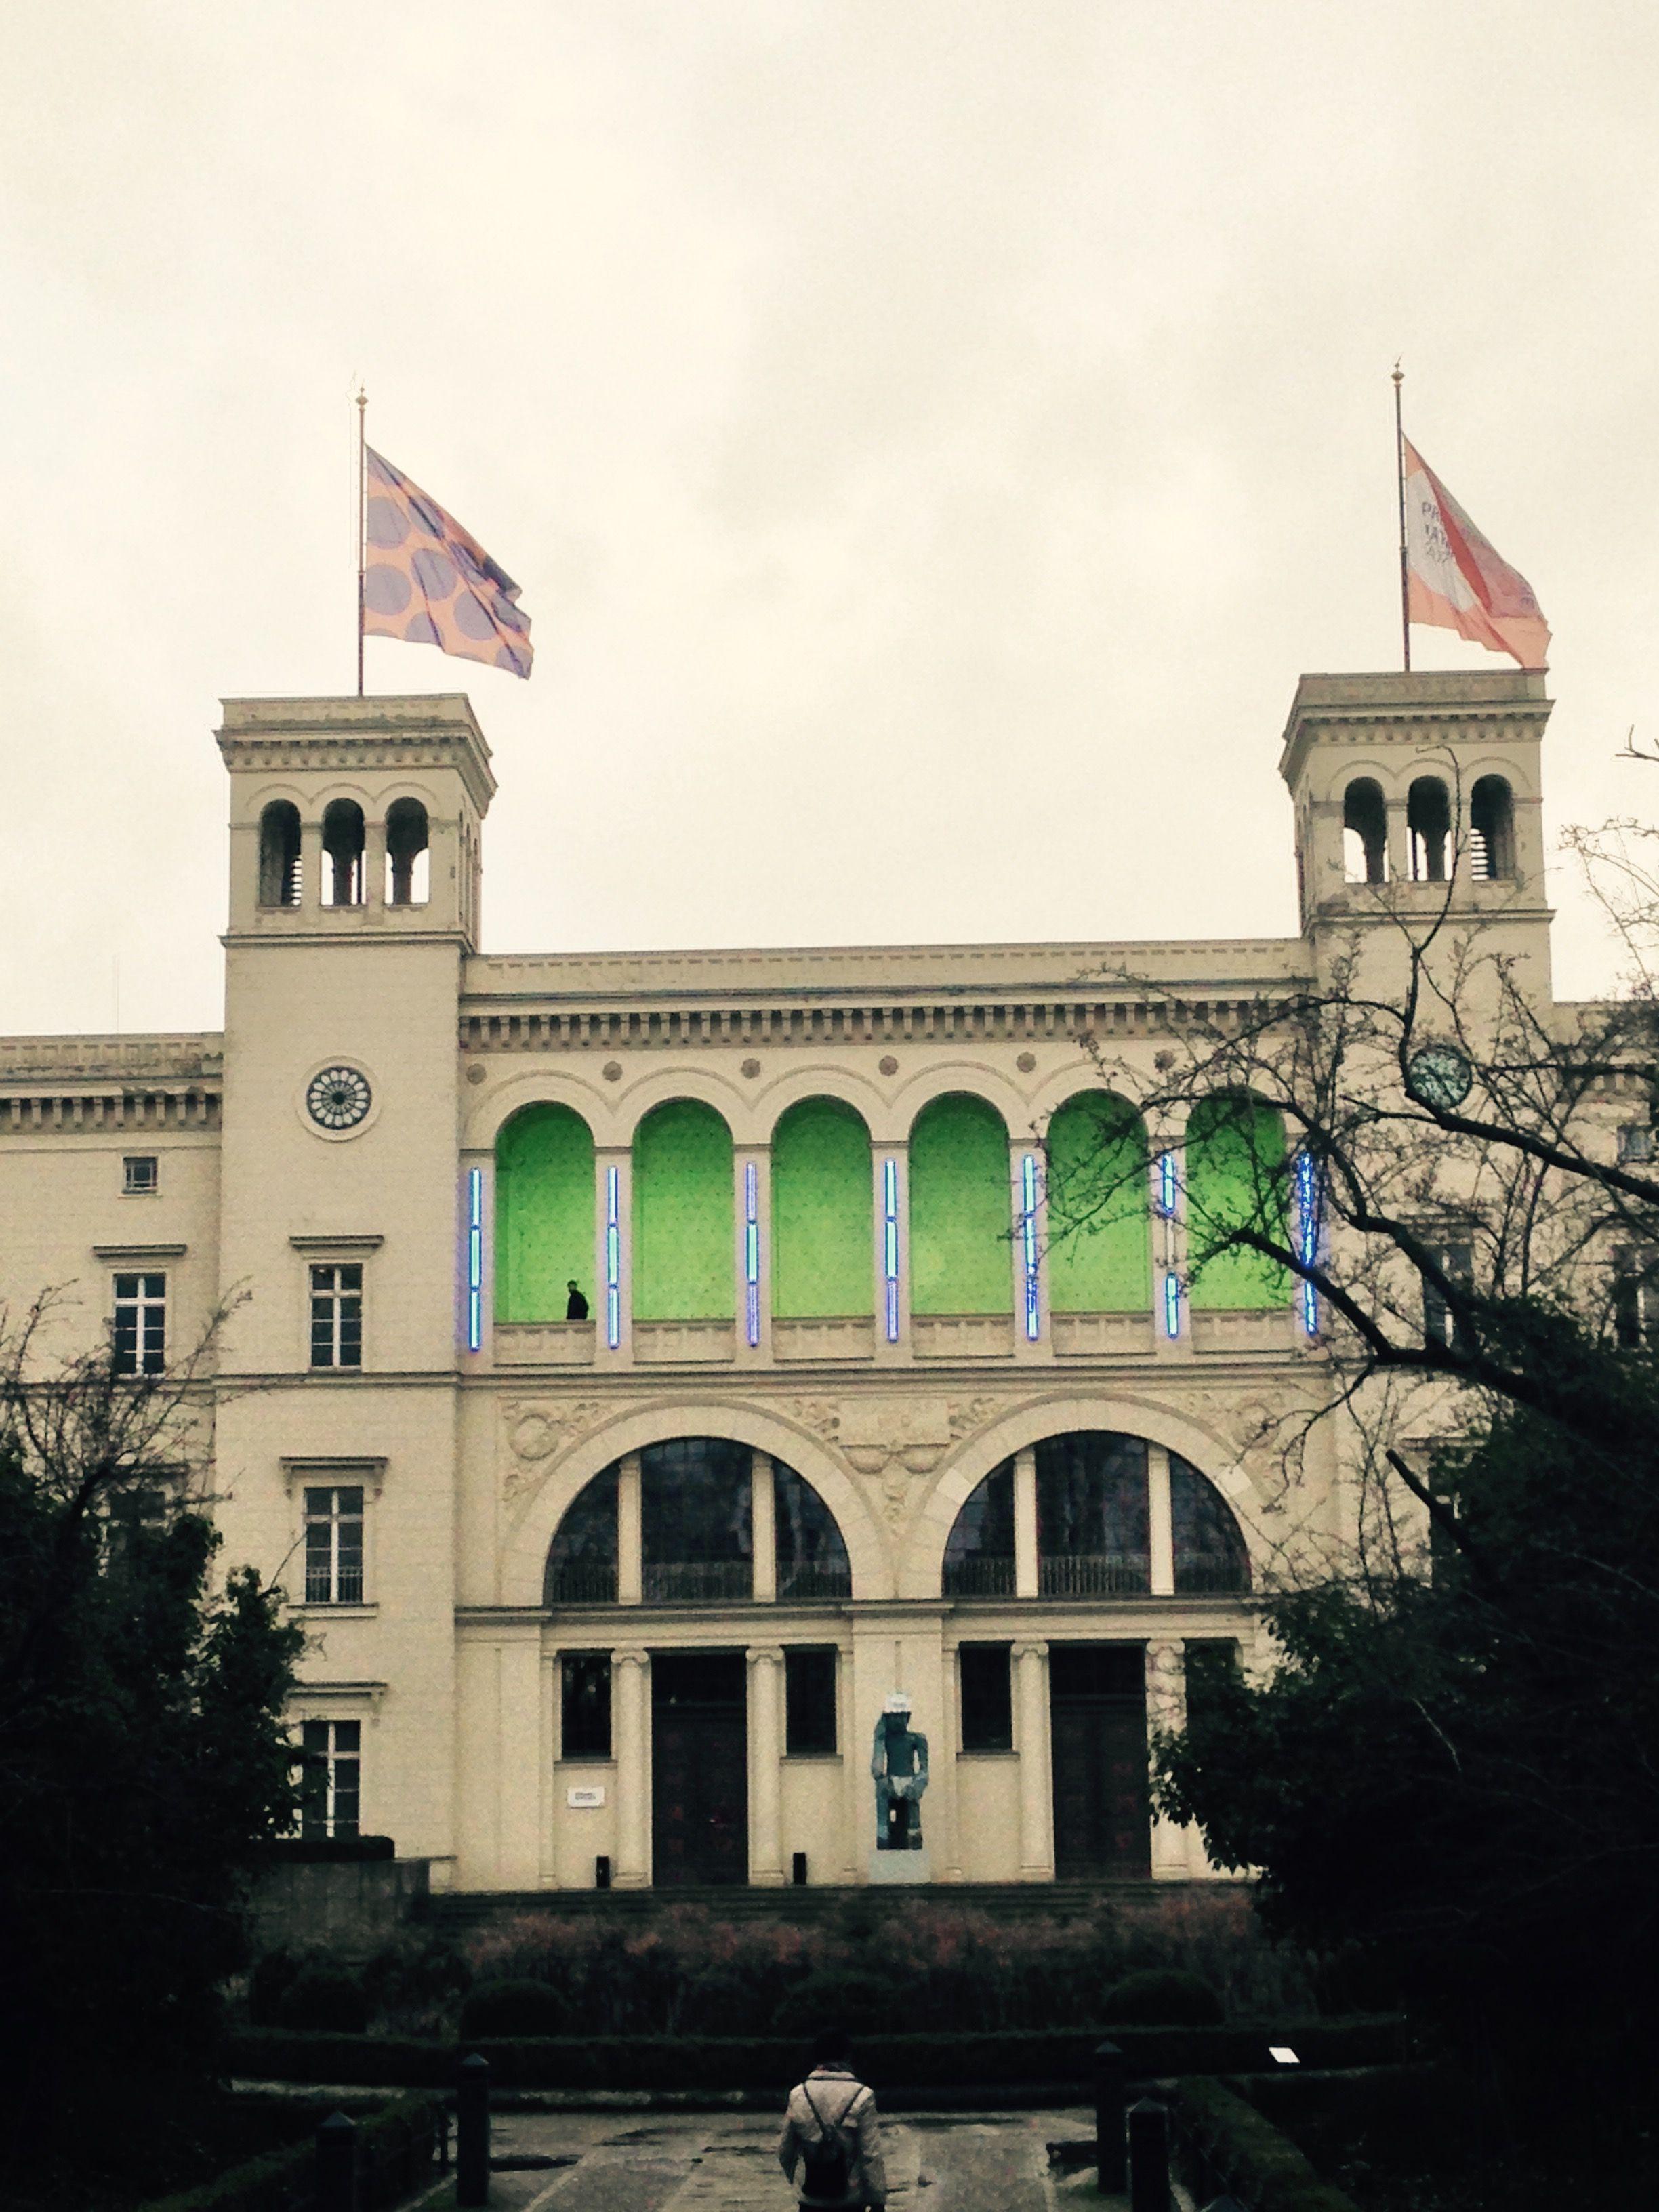 Hamburger Bahnhof Museum Berlin berlin museum c Anika Bischoff